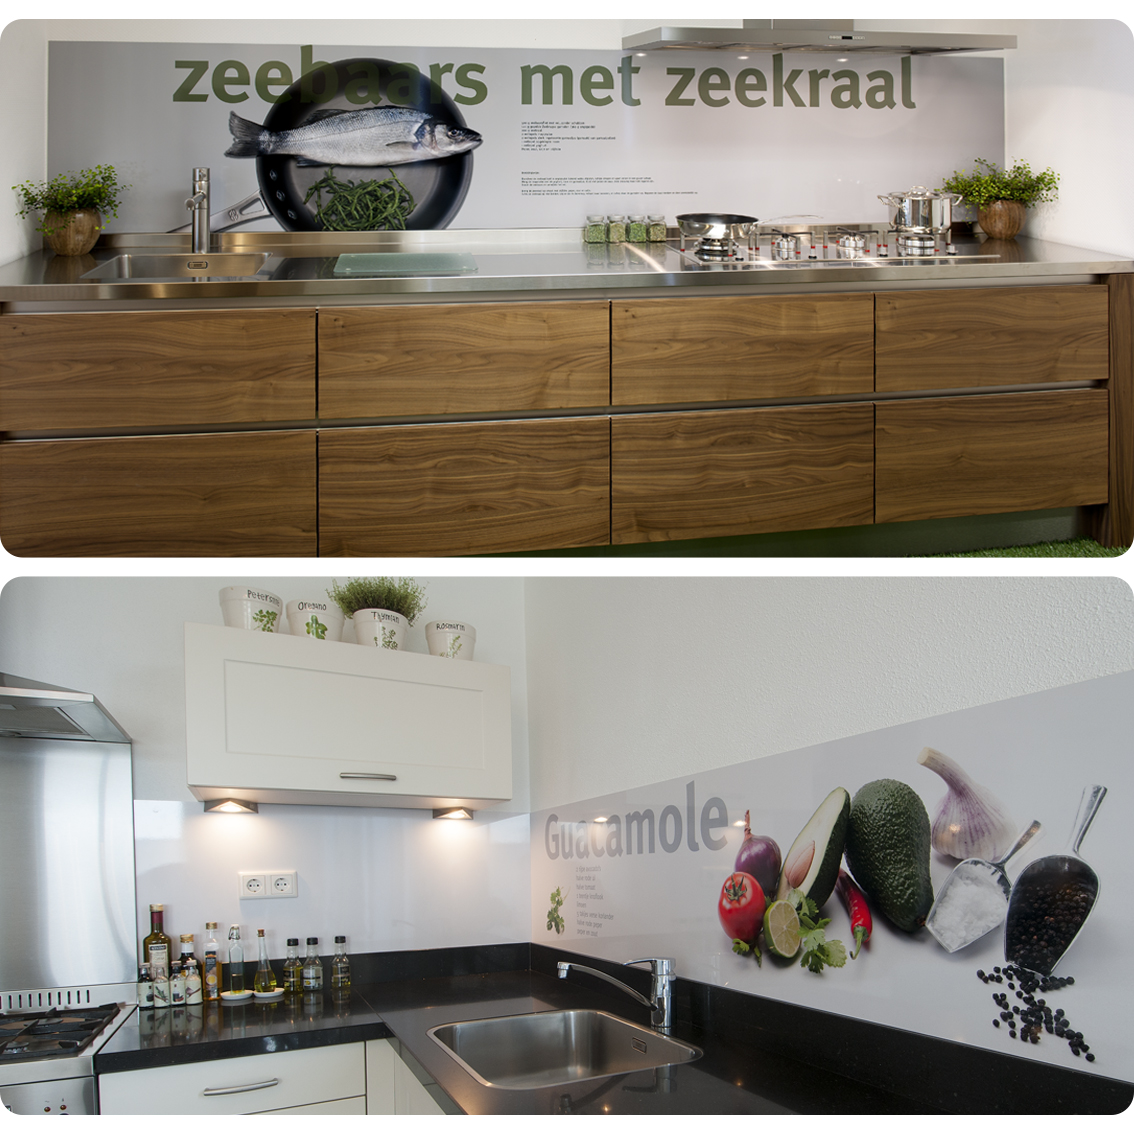 Rezepte auf Ihrer Küchenrückwand | Pimp Your Kitchen